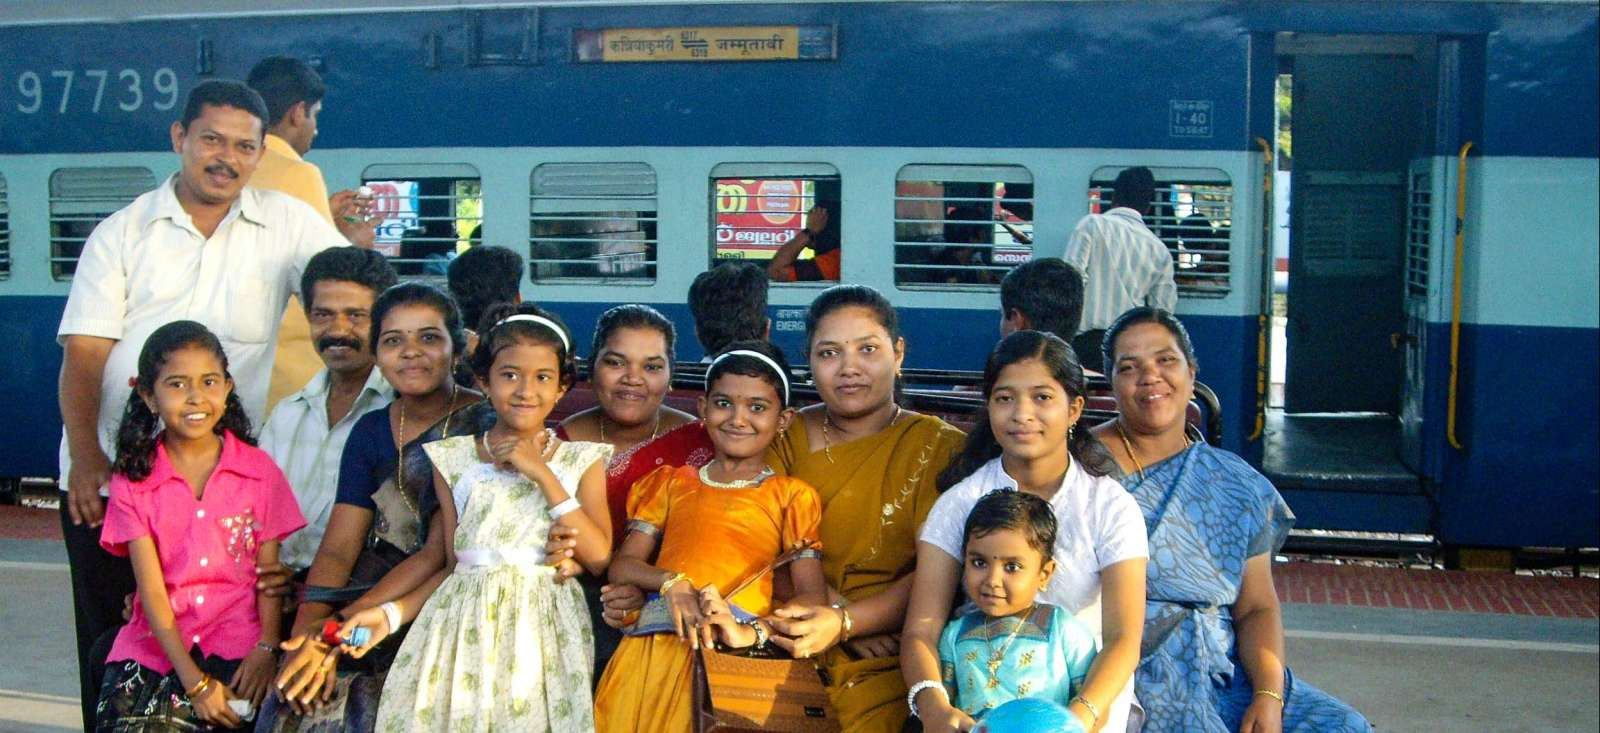 Voyage en véhicule : L\'Inde dans les grandes lignes